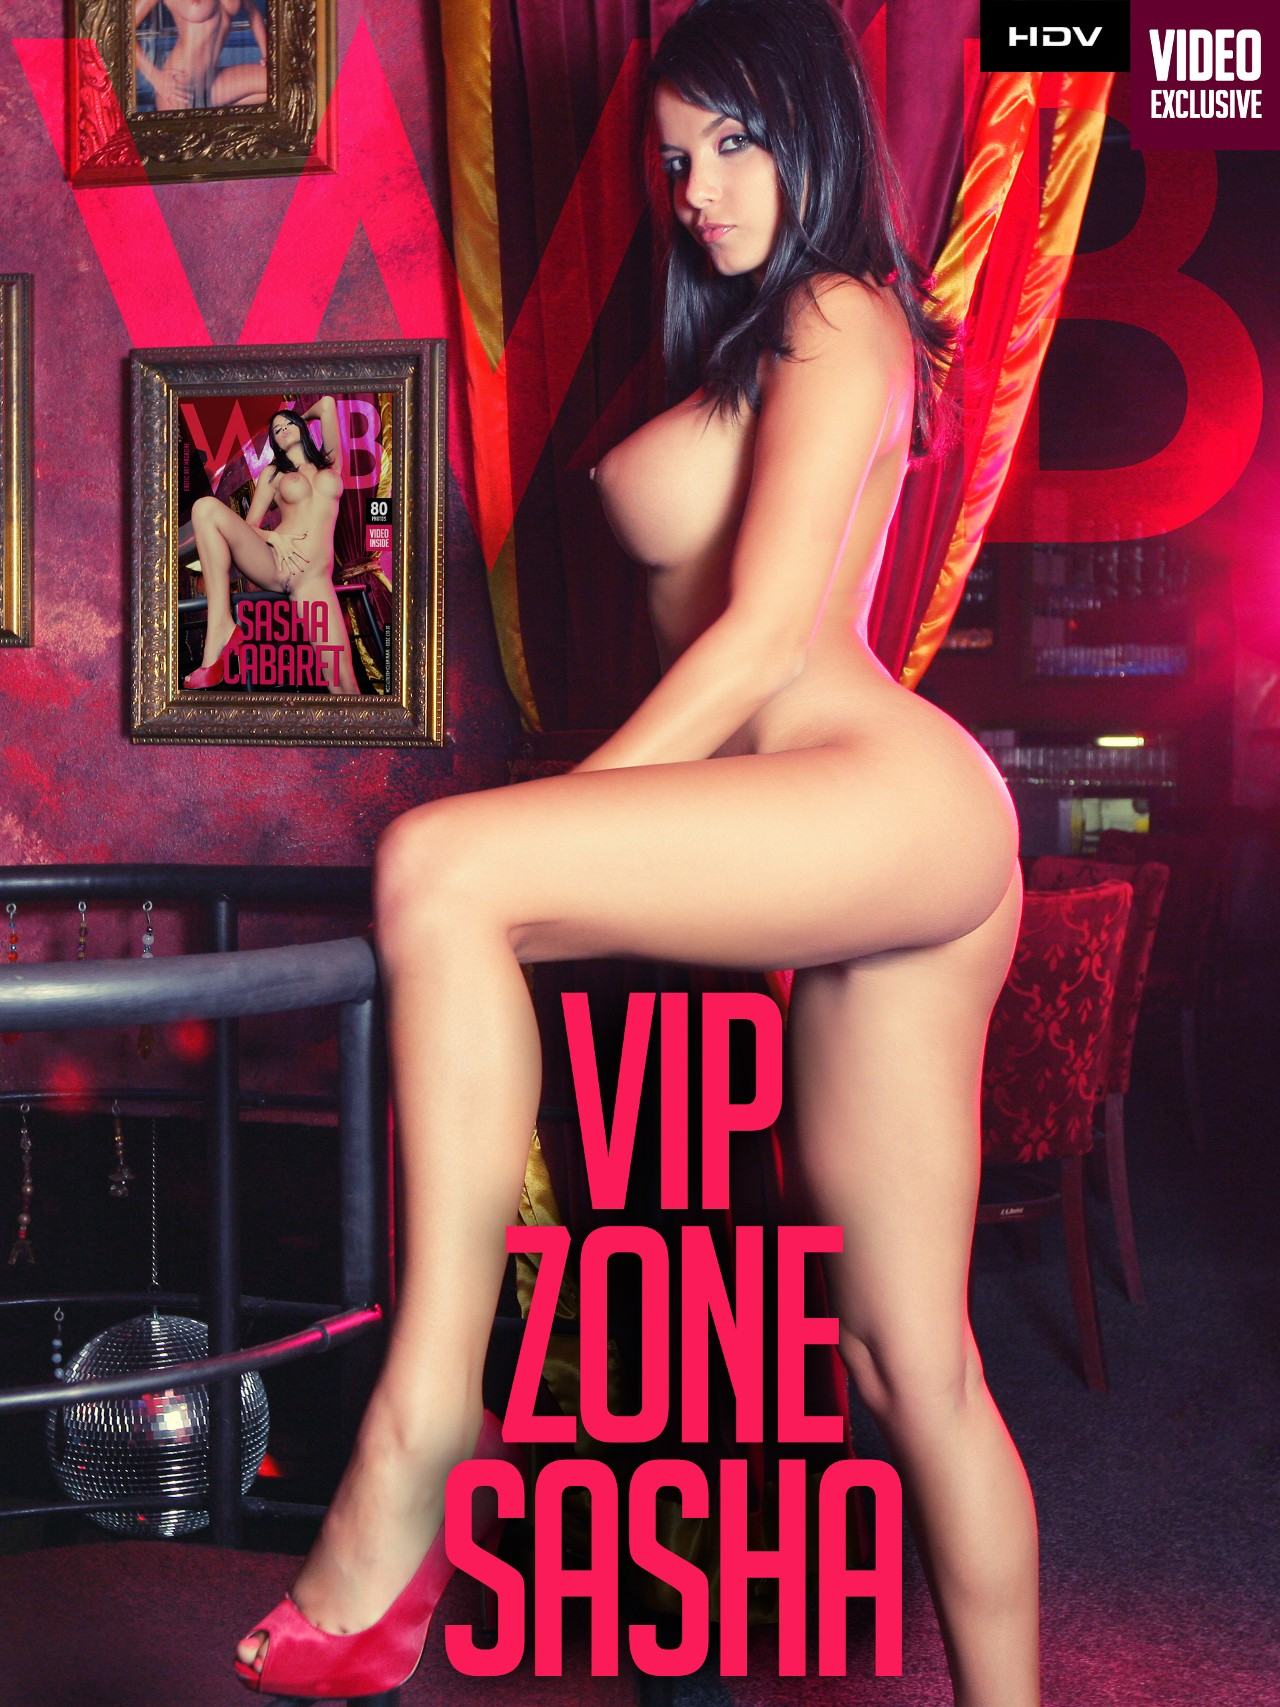 Sasha: VIP zone